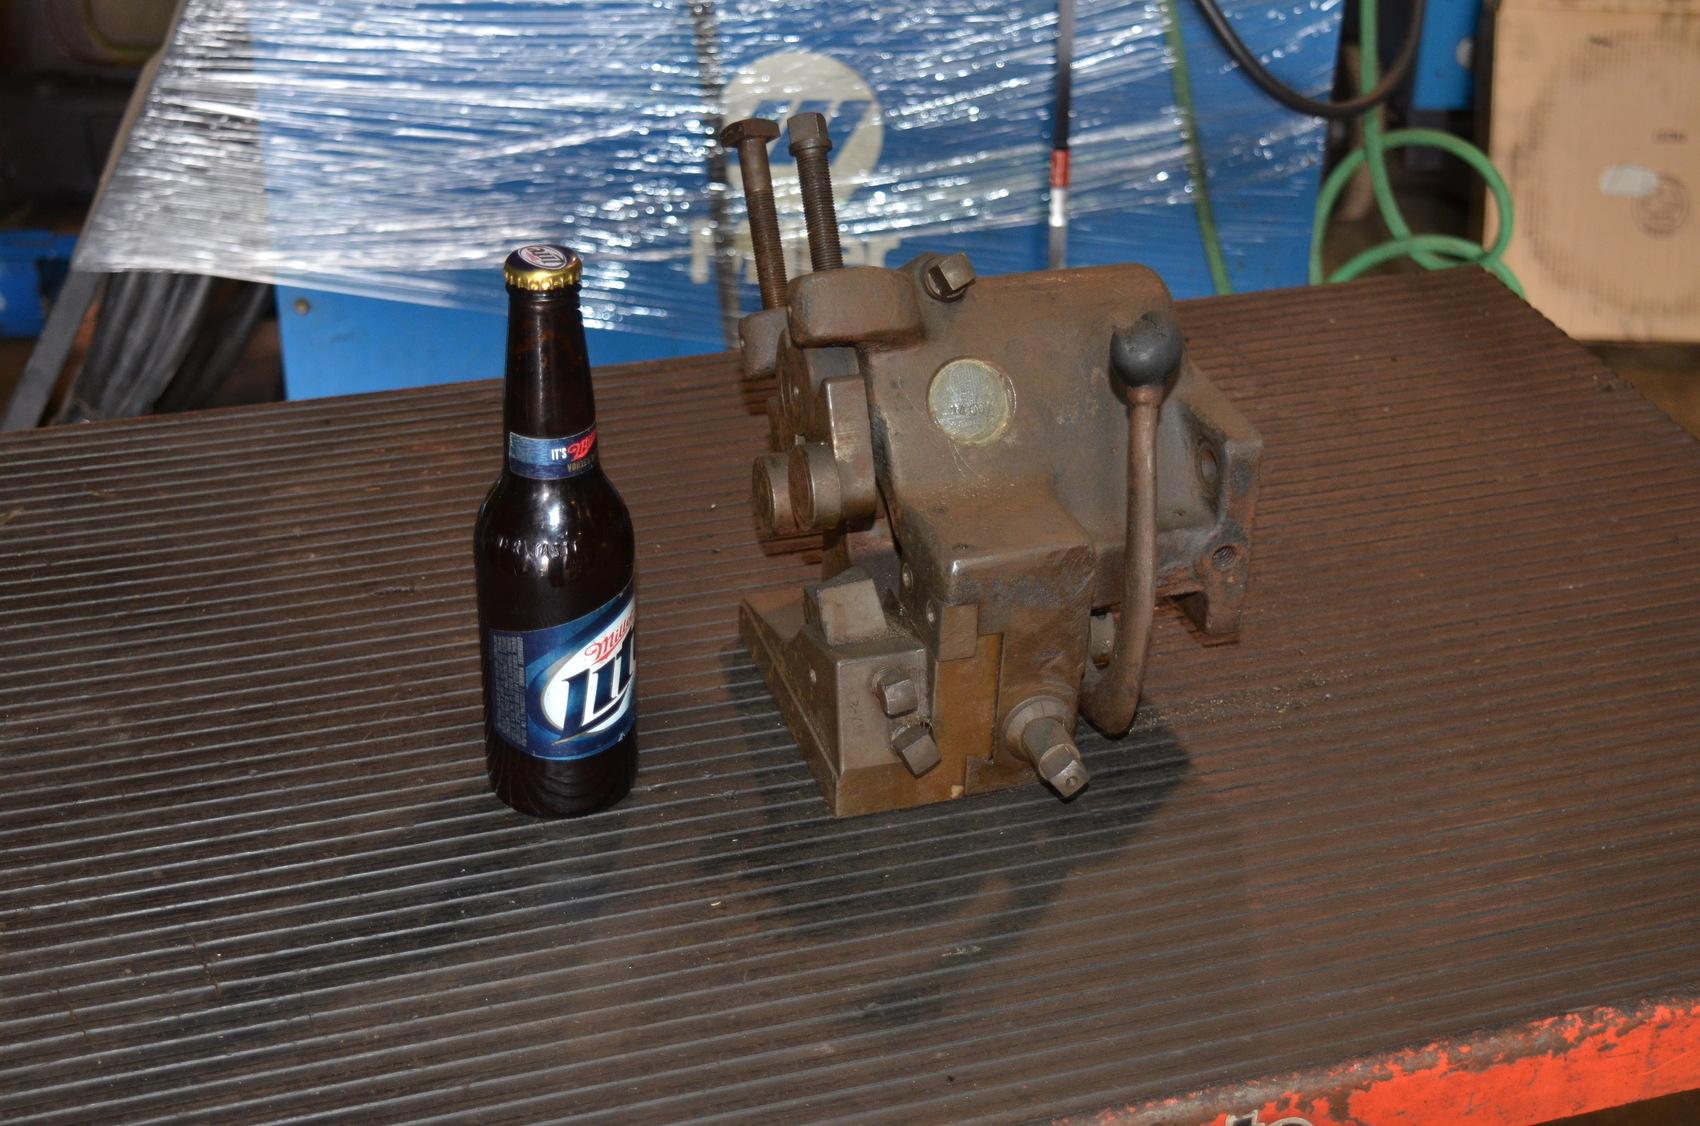 Gisholt 1400A Turret Lathe Roller Back Box Tool Bar Turner